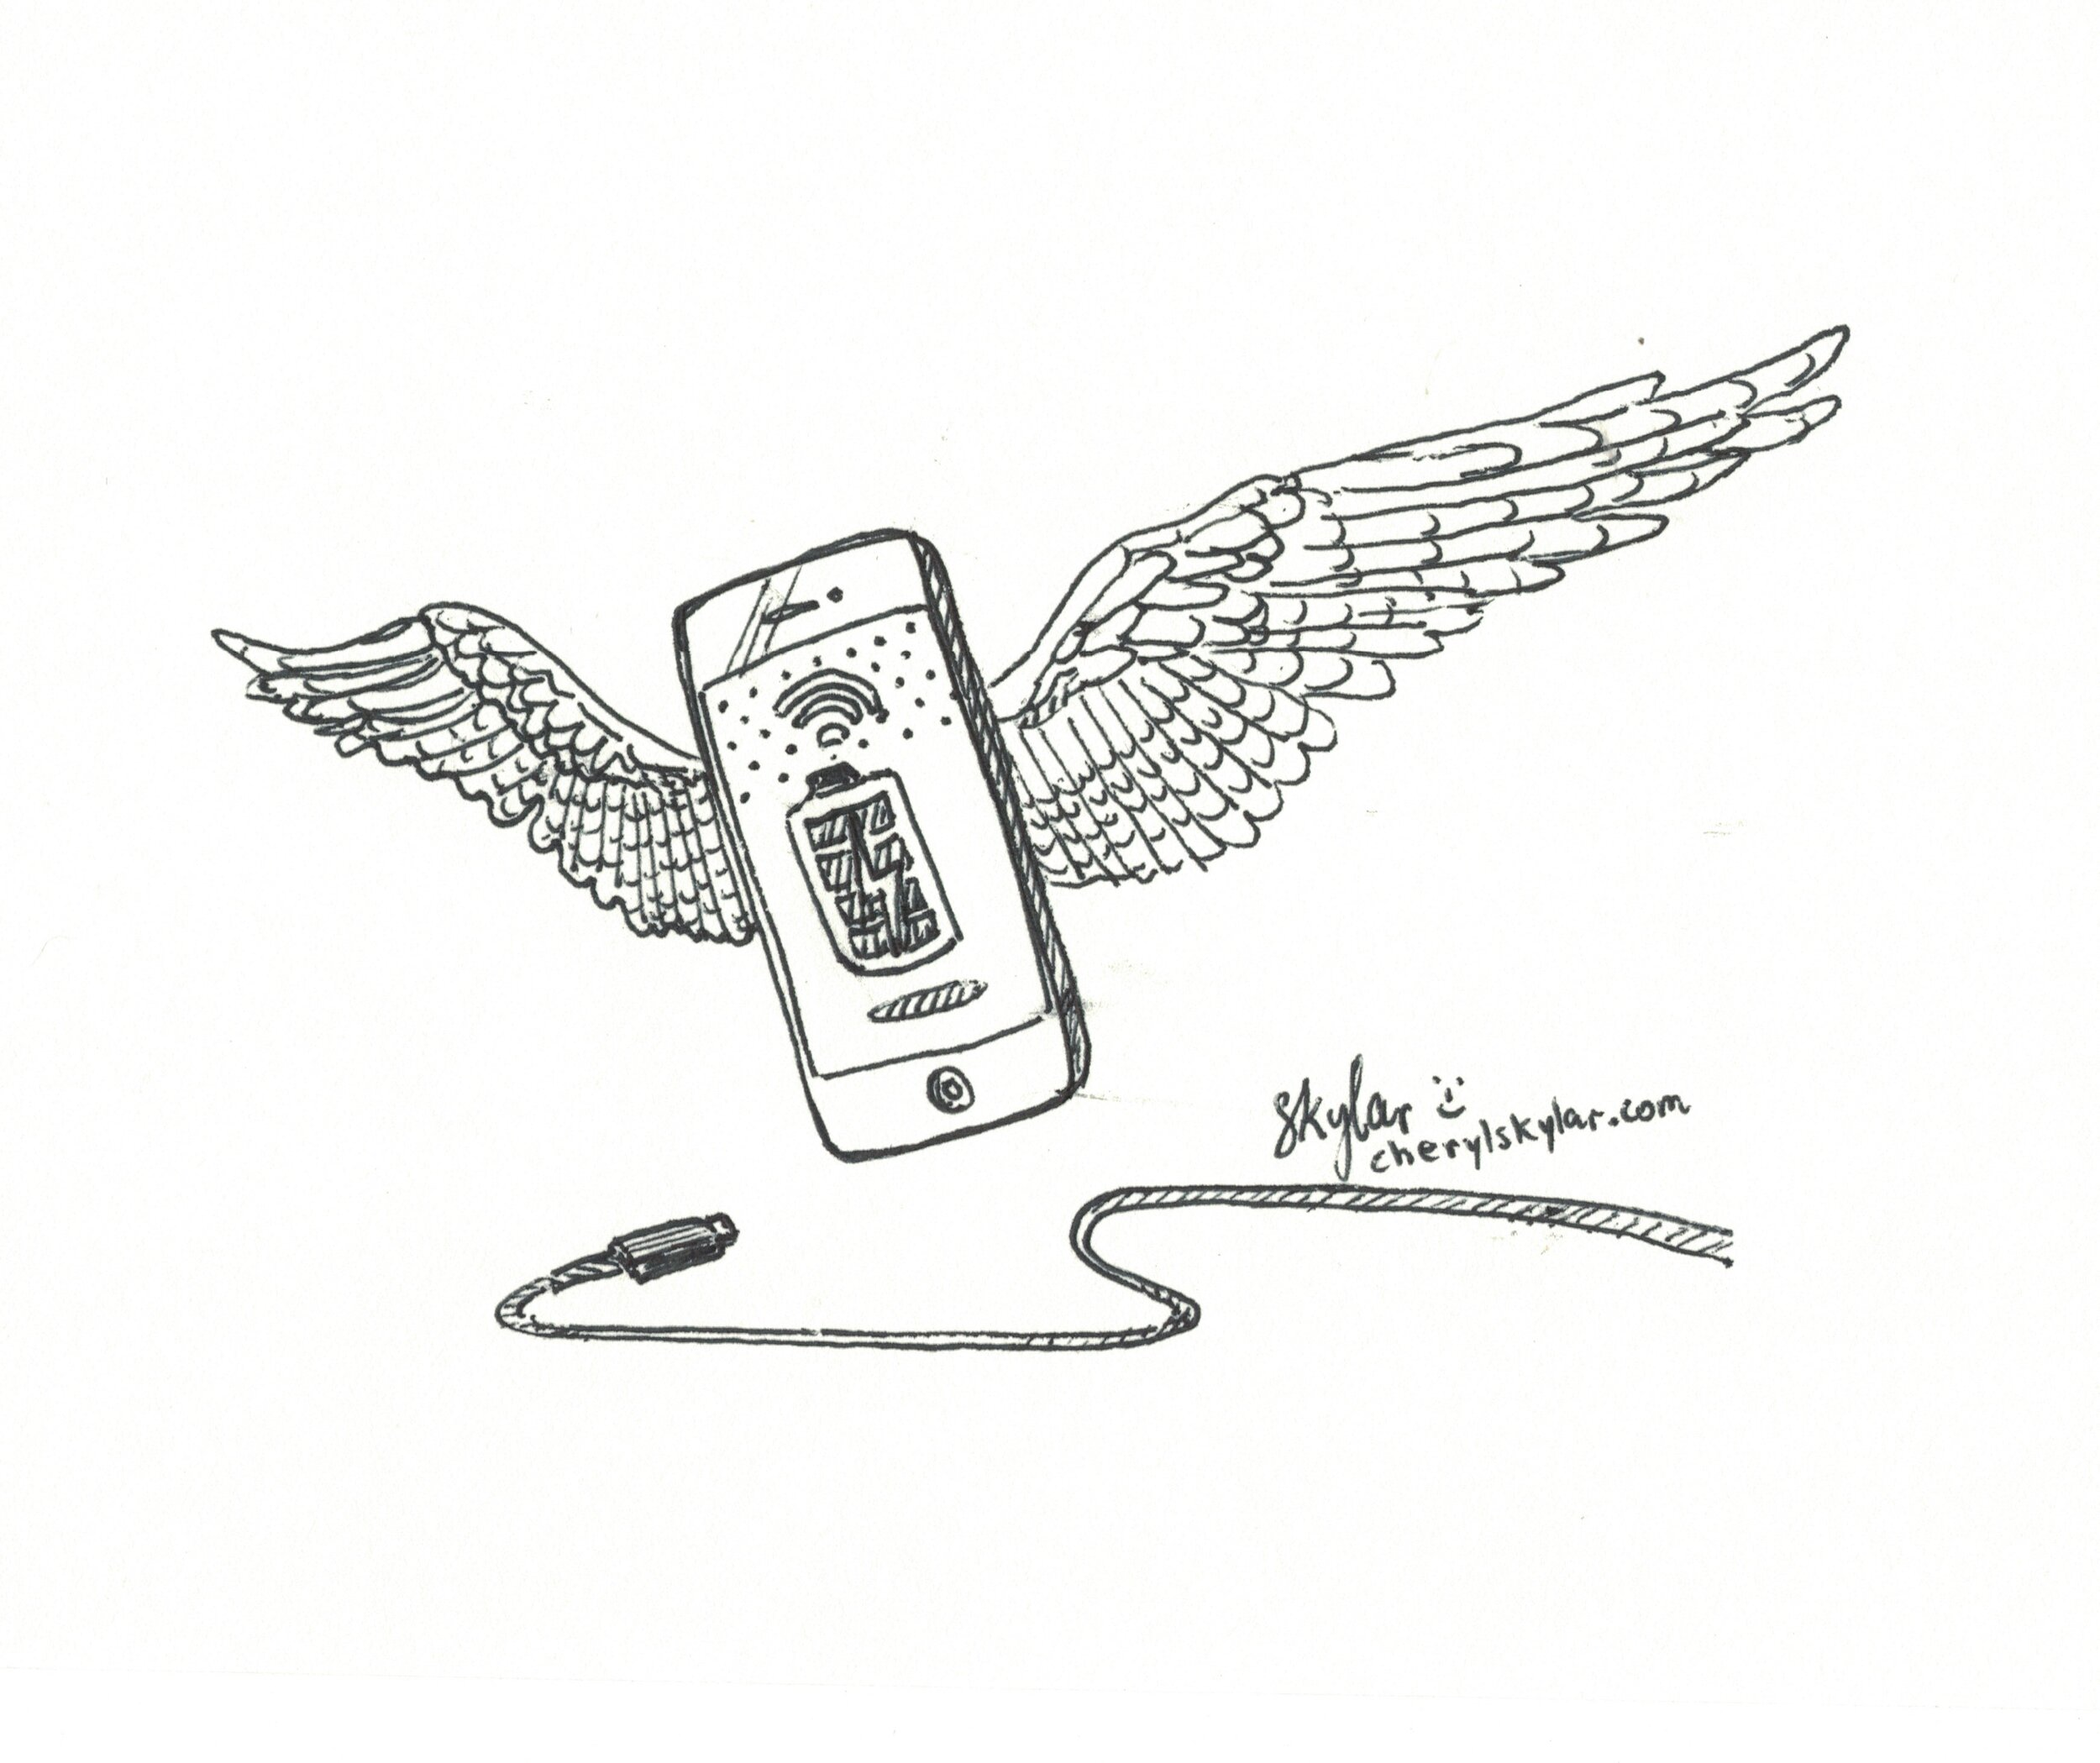 illustrations-the-varsity-university-of-toronto